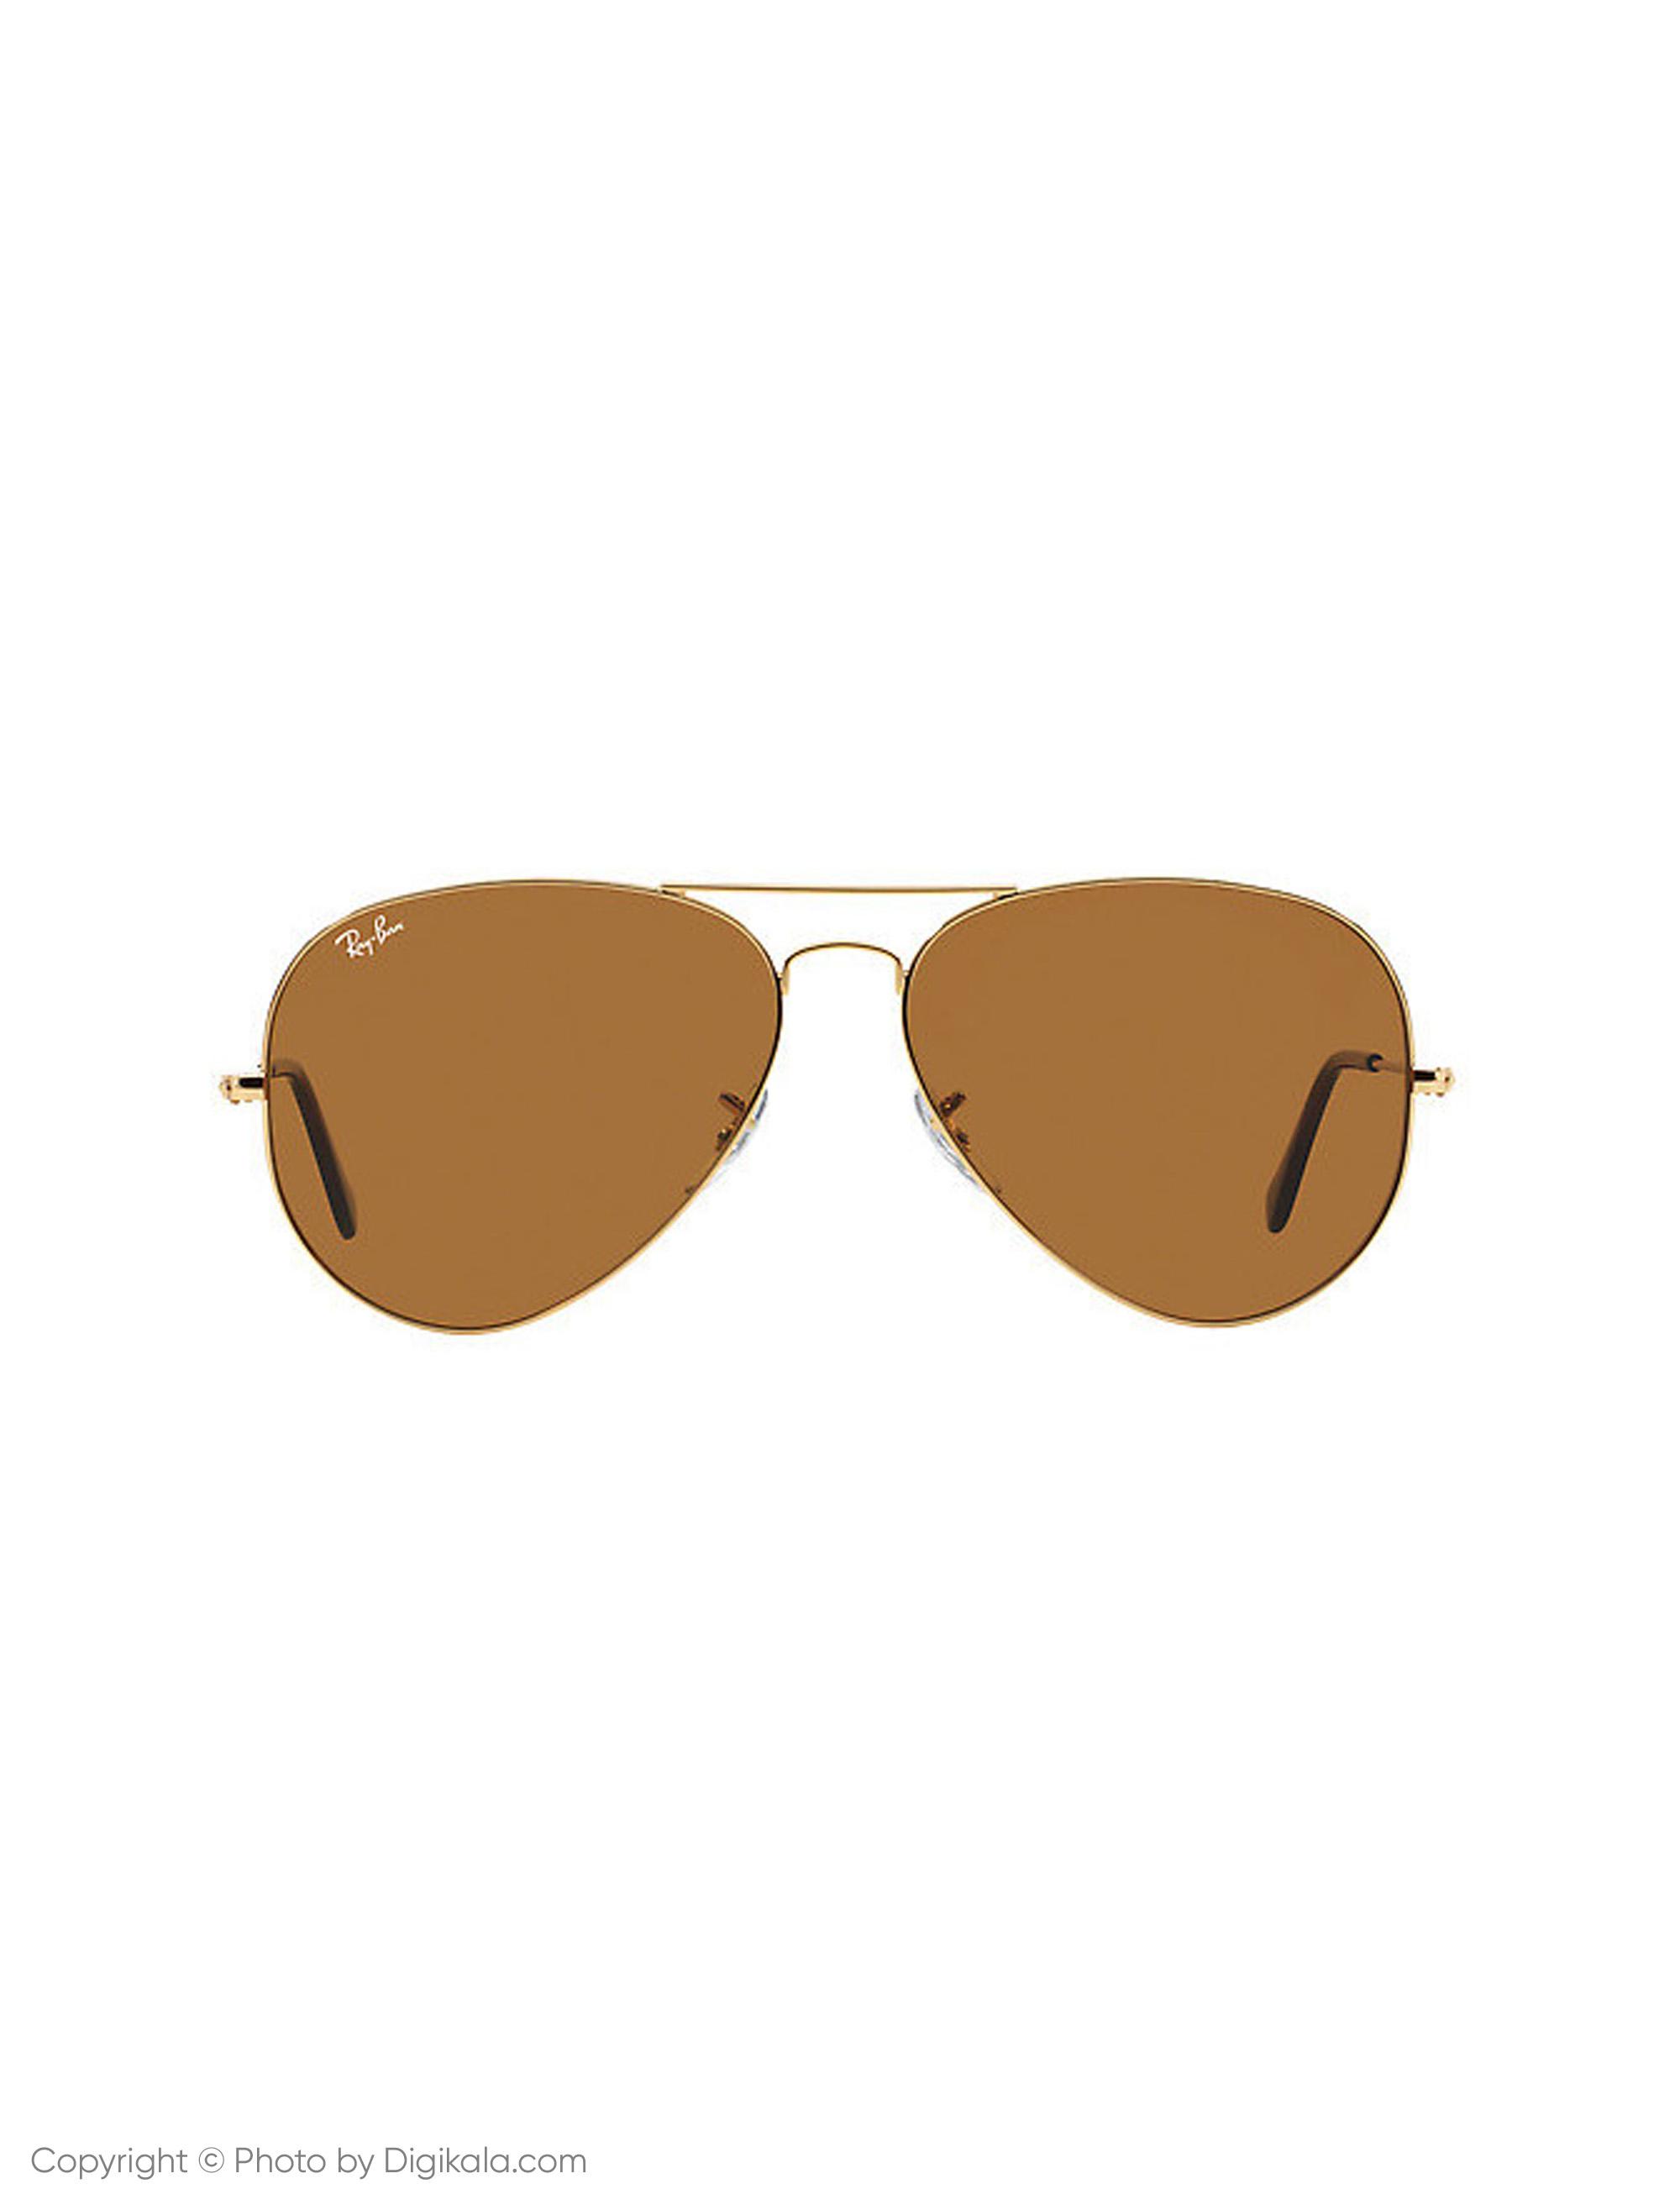 عینک آفتابی ری بن مدل 3025-001/33-58